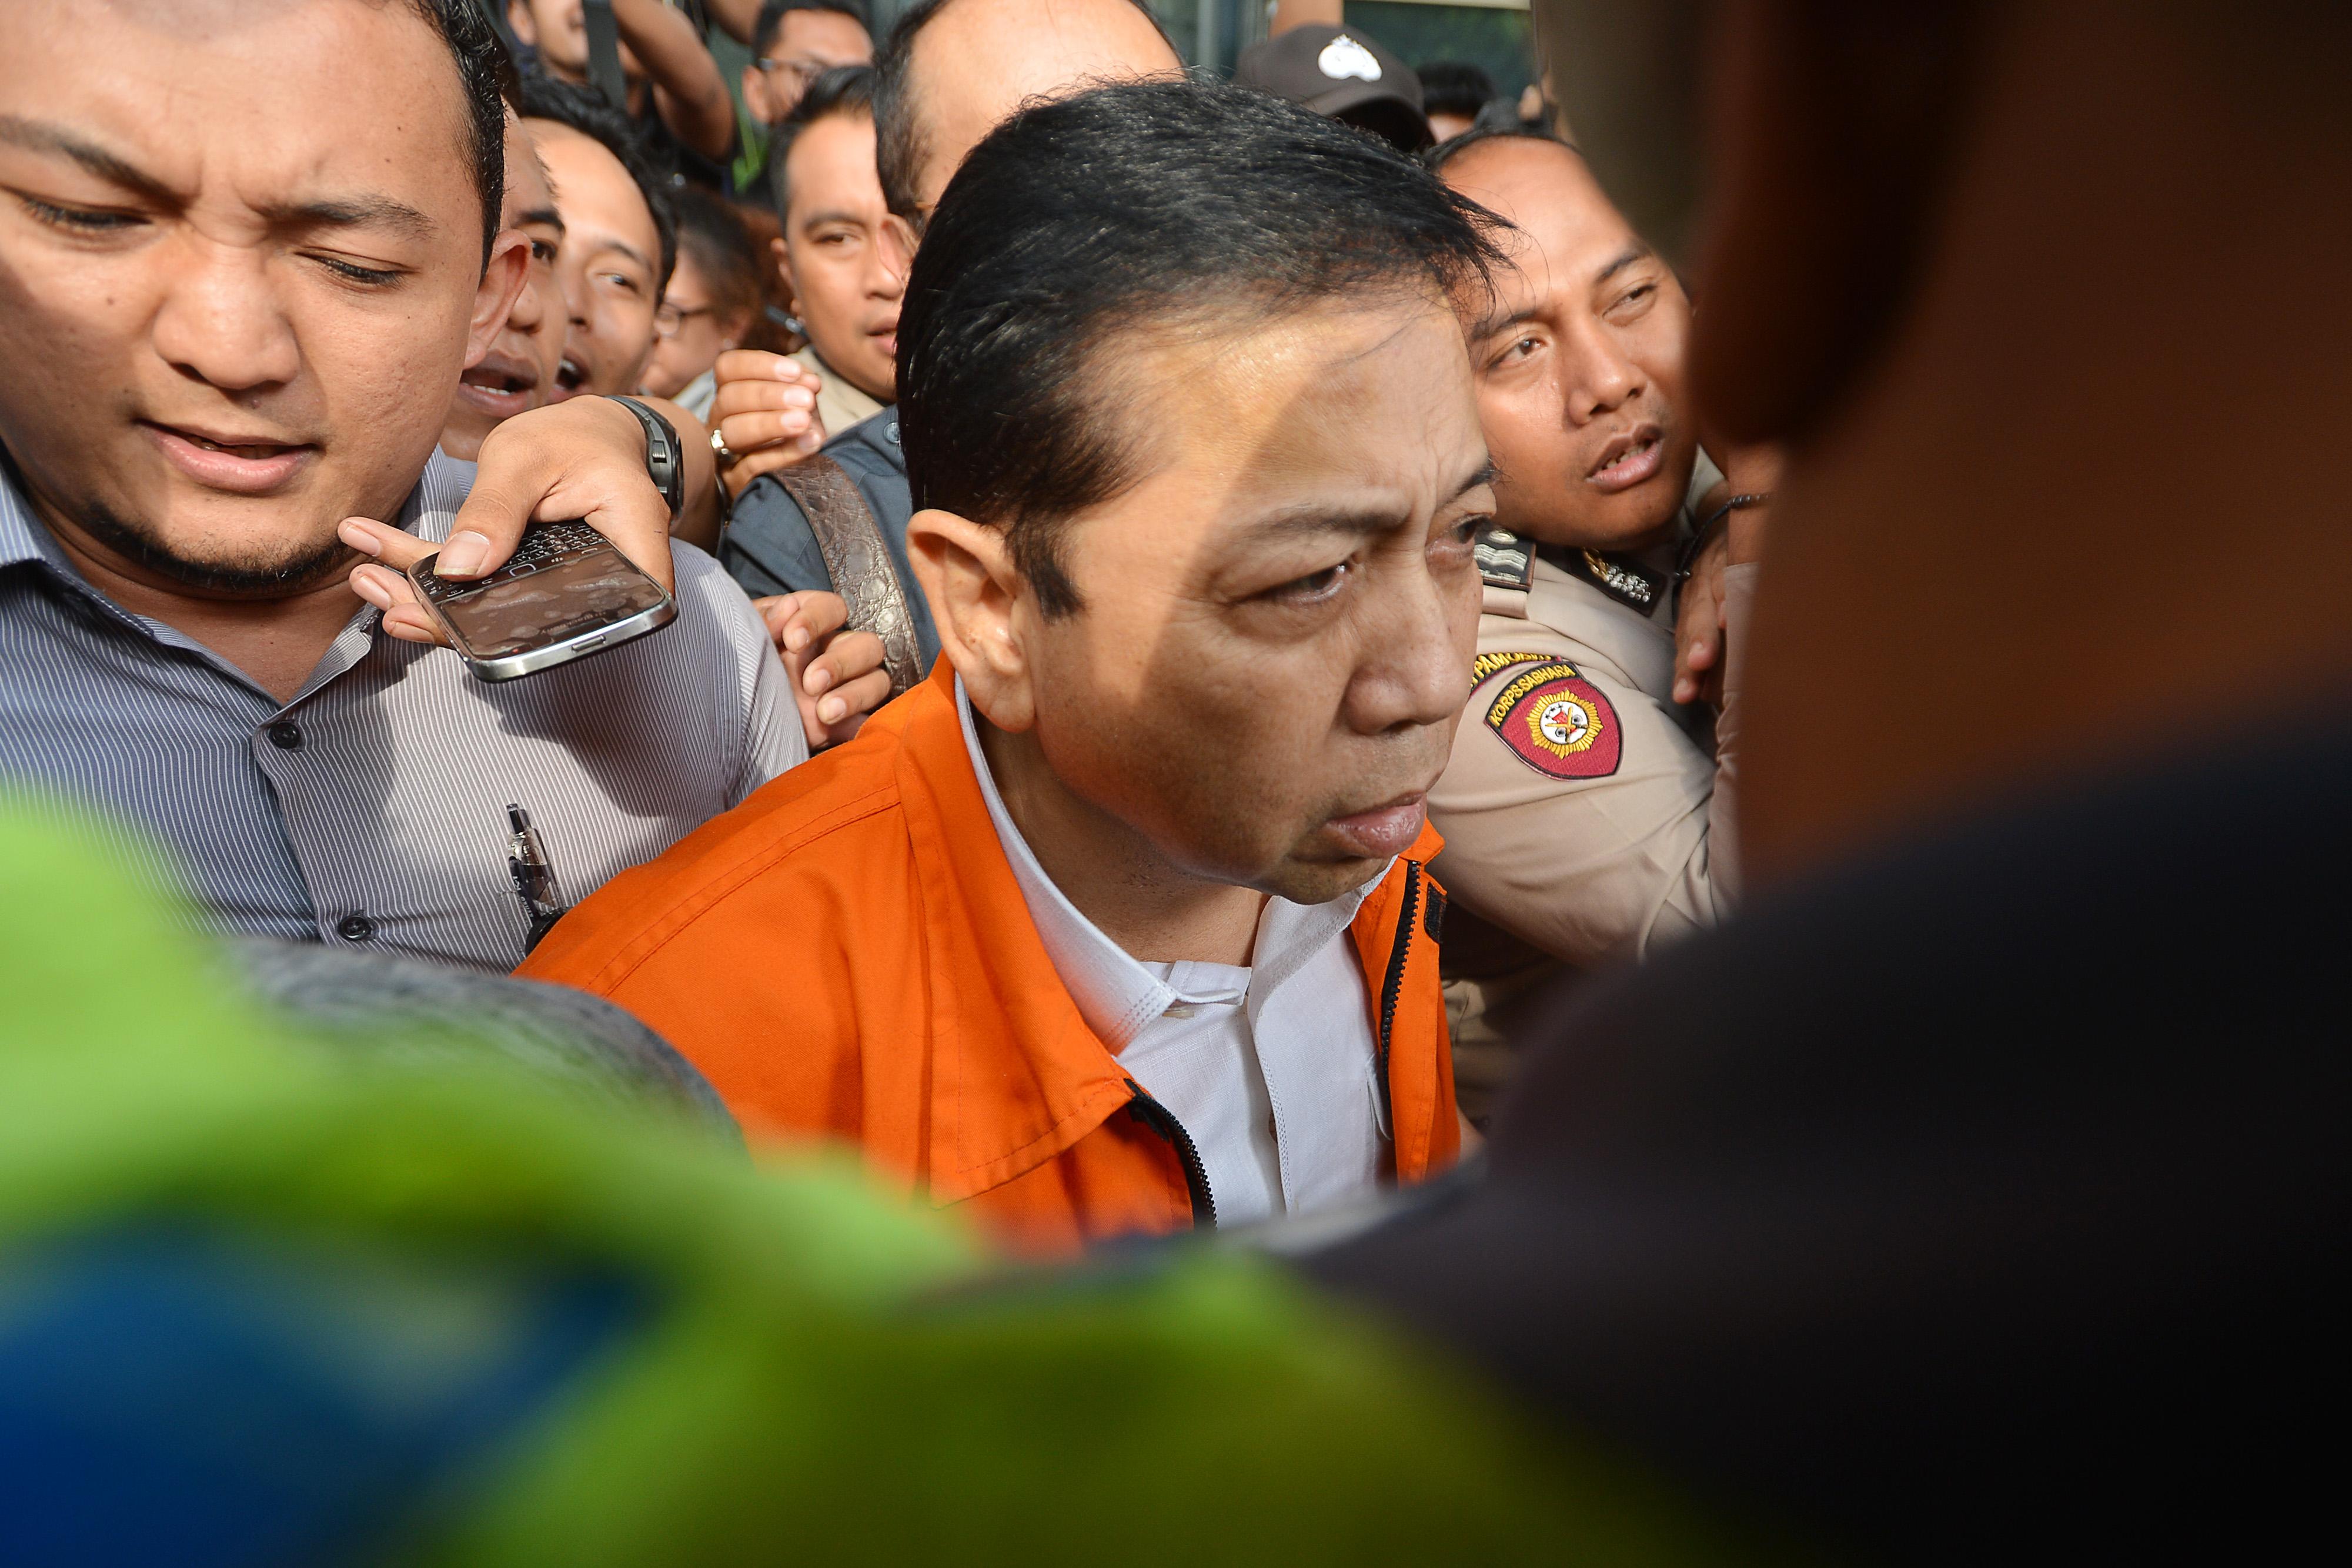 TINGGALKAN GEDUNG. Tersangka kasus korupsi KTP elektronik Setya Novanto meninggalkan gedung KPK seusai menjalani pemeriksaan di Jakarta, Selasa, 21 November. Foto oleh Wahyu Putro A/ANTARA